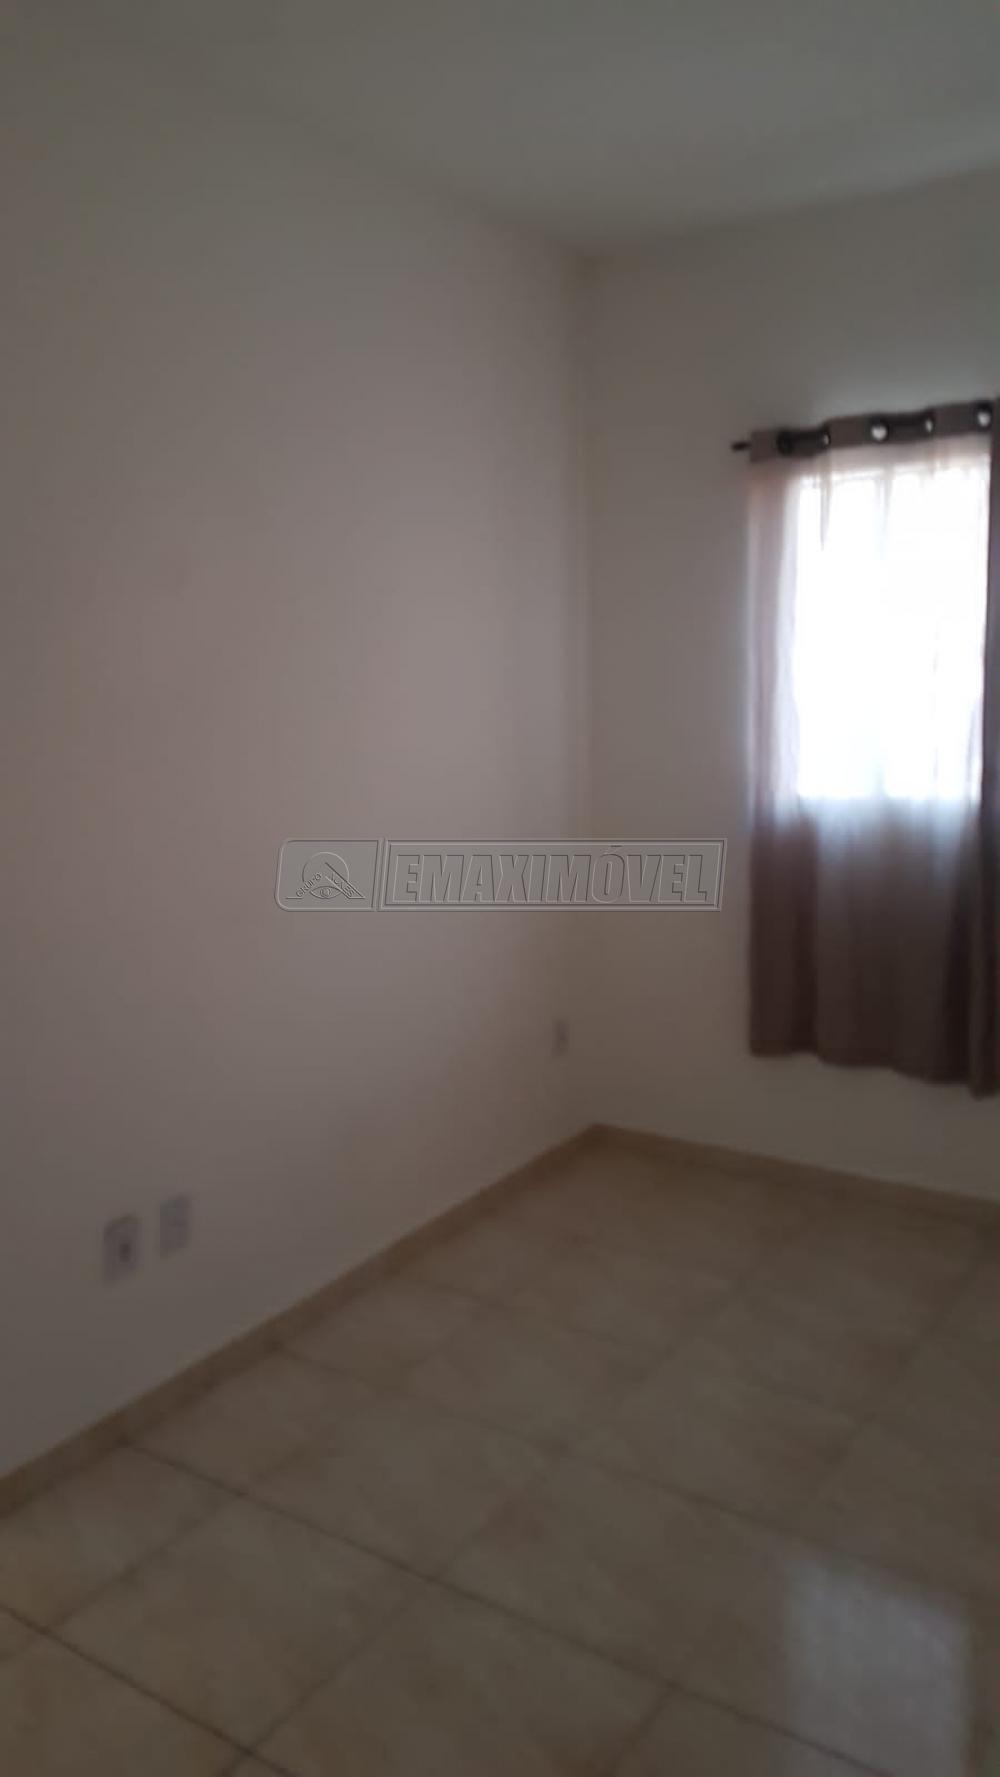 Comprar Apartamento / Padrão em Sorocaba R$ 175.000,00 - Foto 8